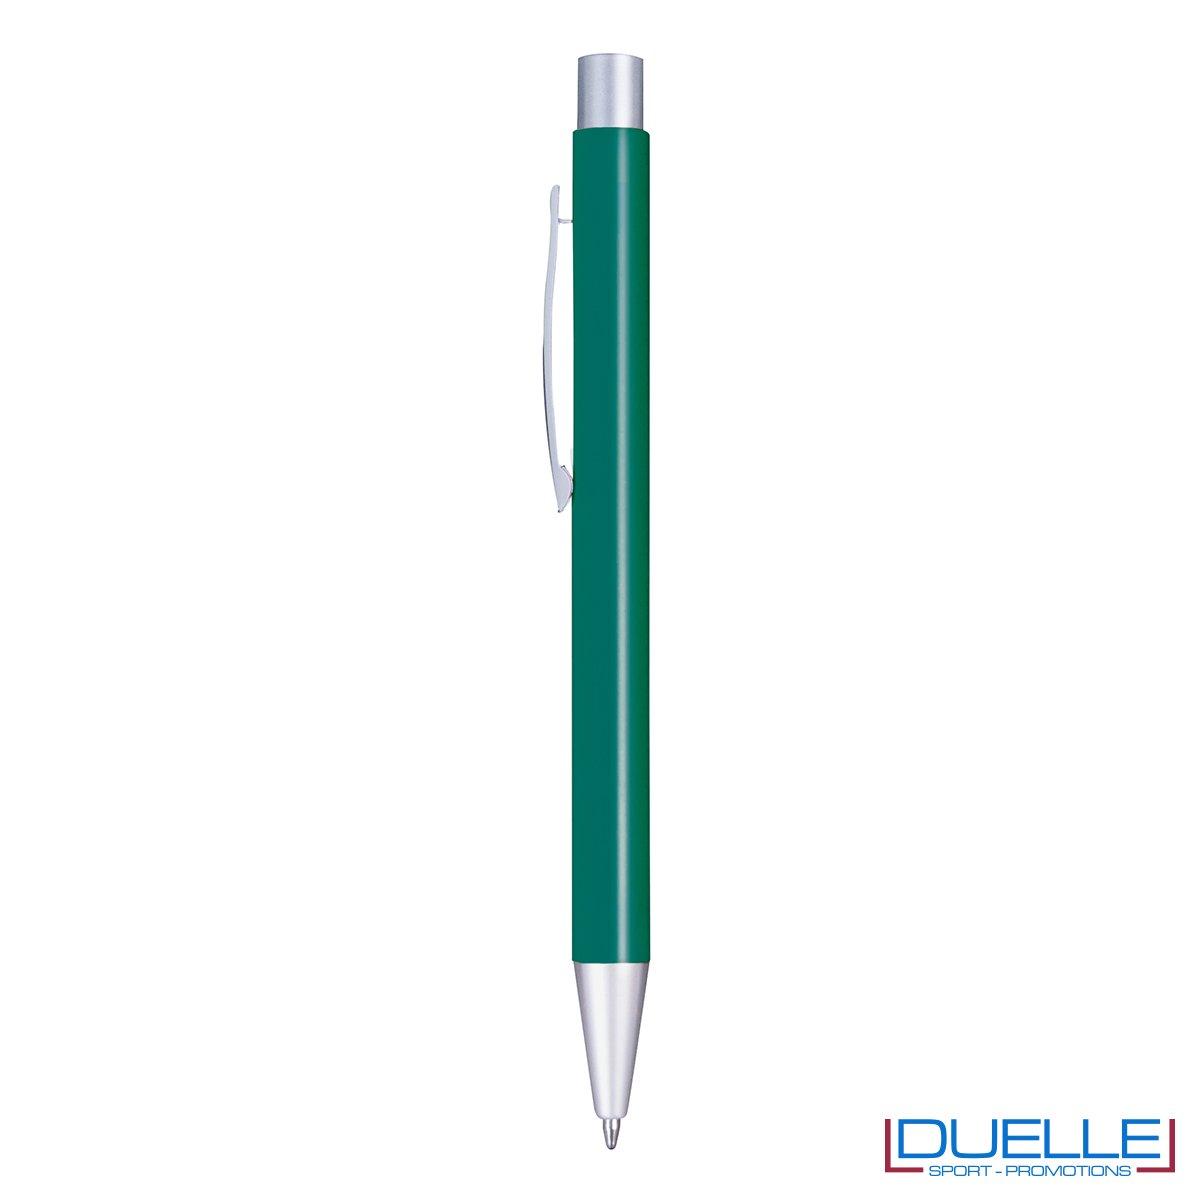 Penna in alluminio colore verde scuro personalizzata con incisione laser